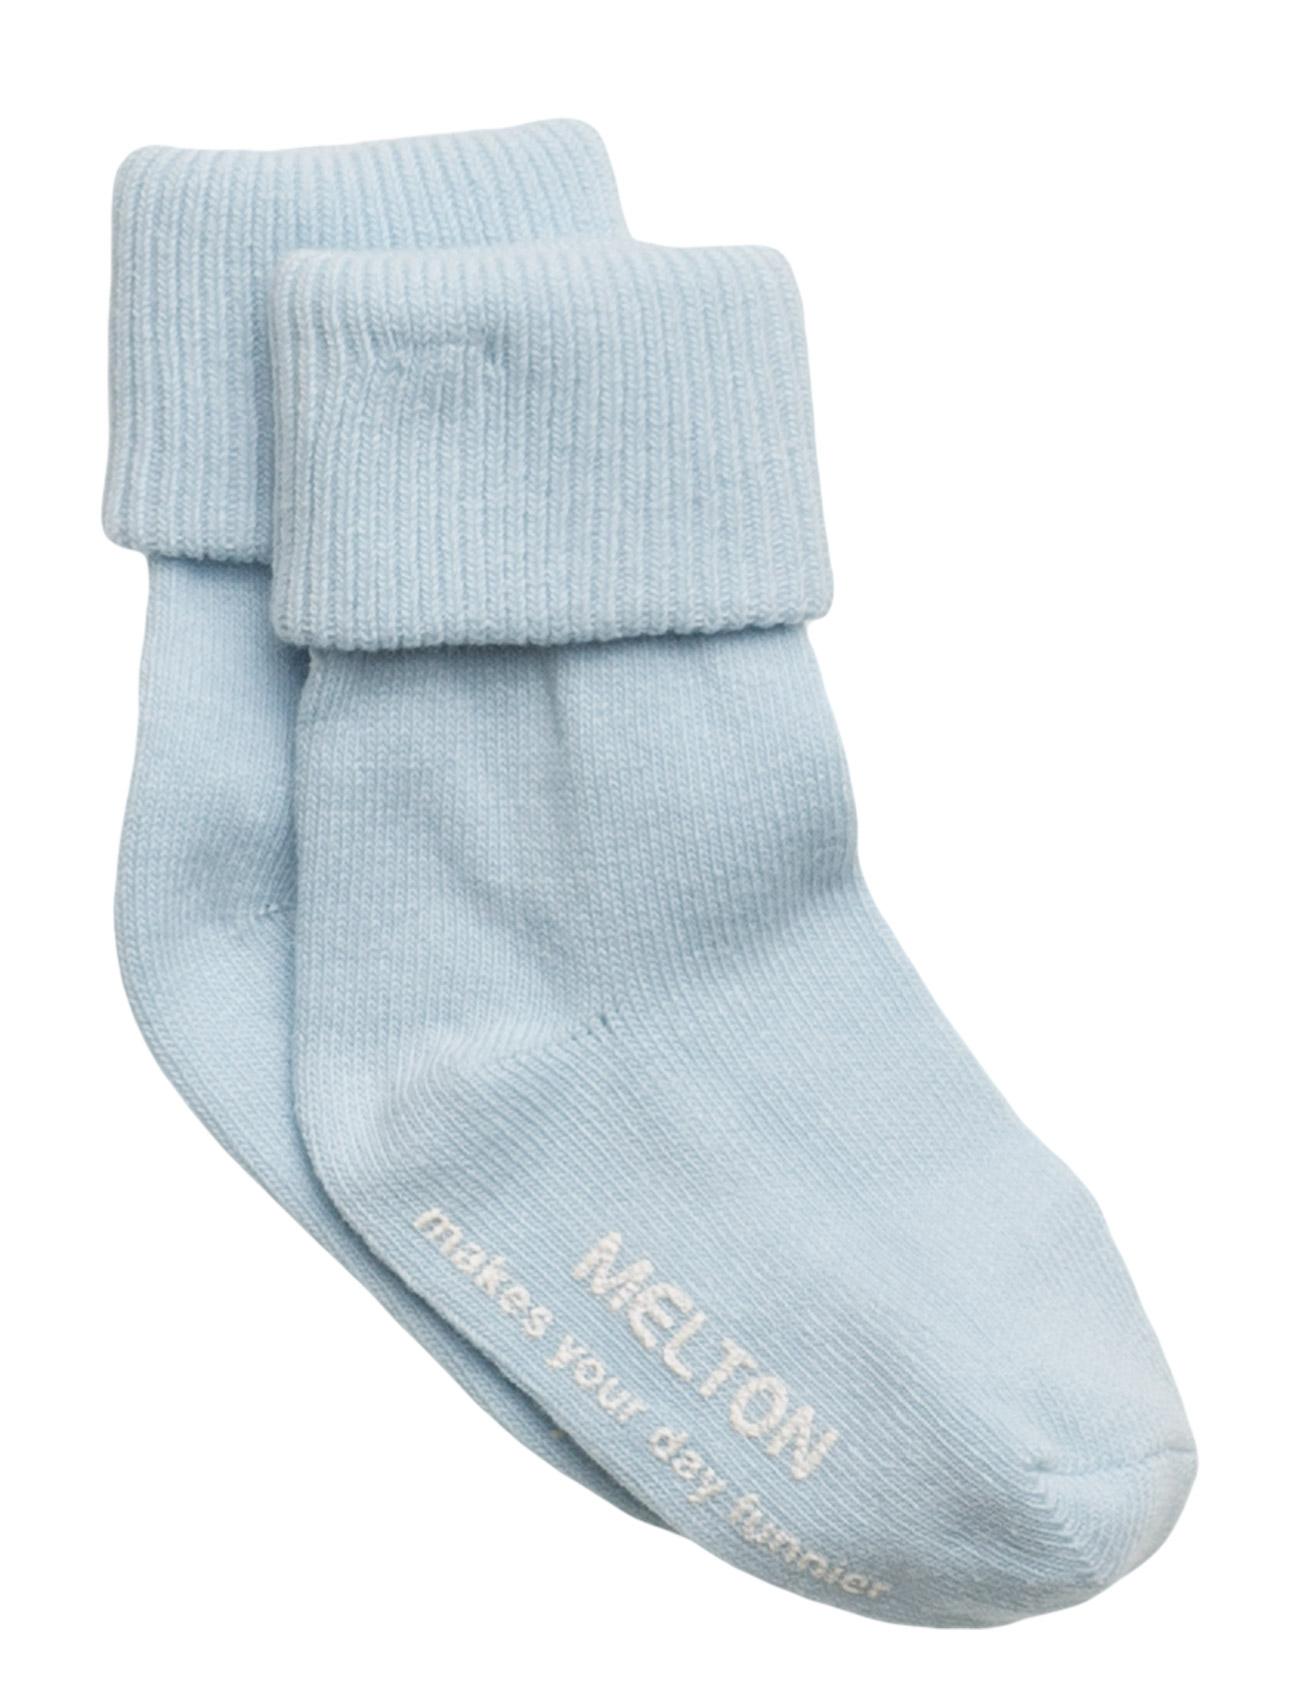 5e6d4e3d Baby Sock, Turn-Up Melton Strømper & Strømpebukser til Børn i ...